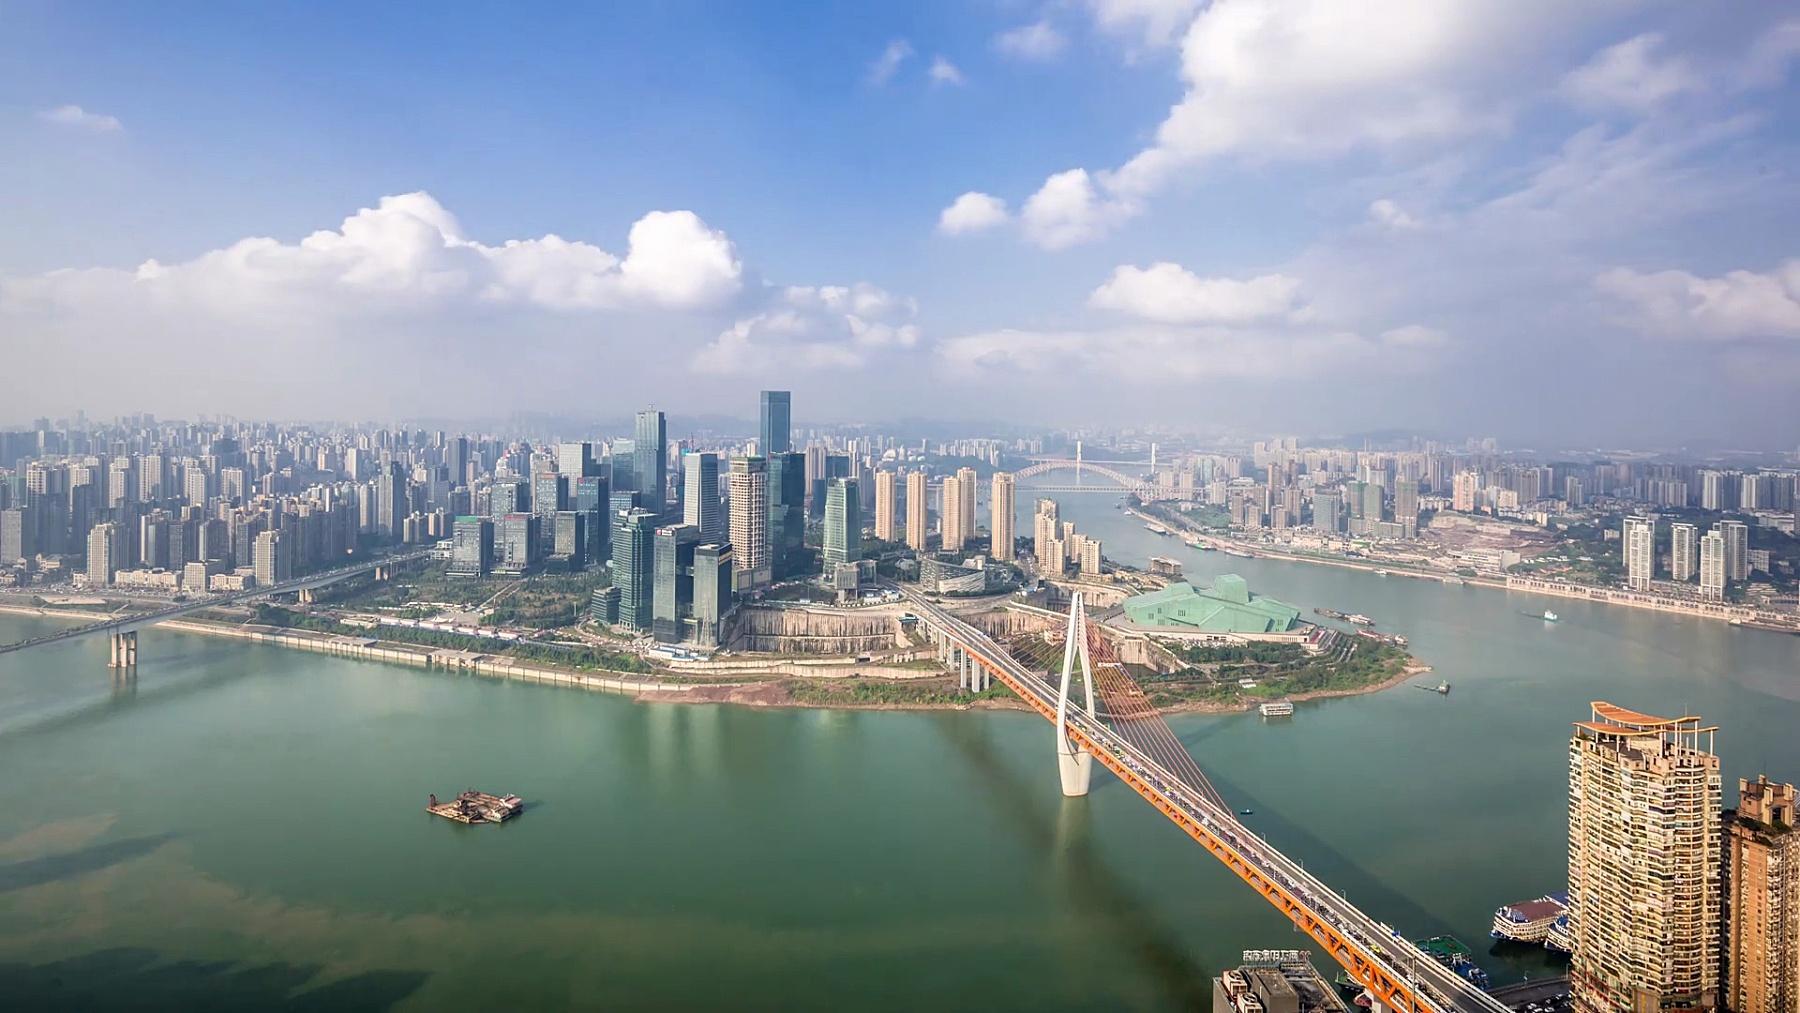 近江现代城市景观。延时